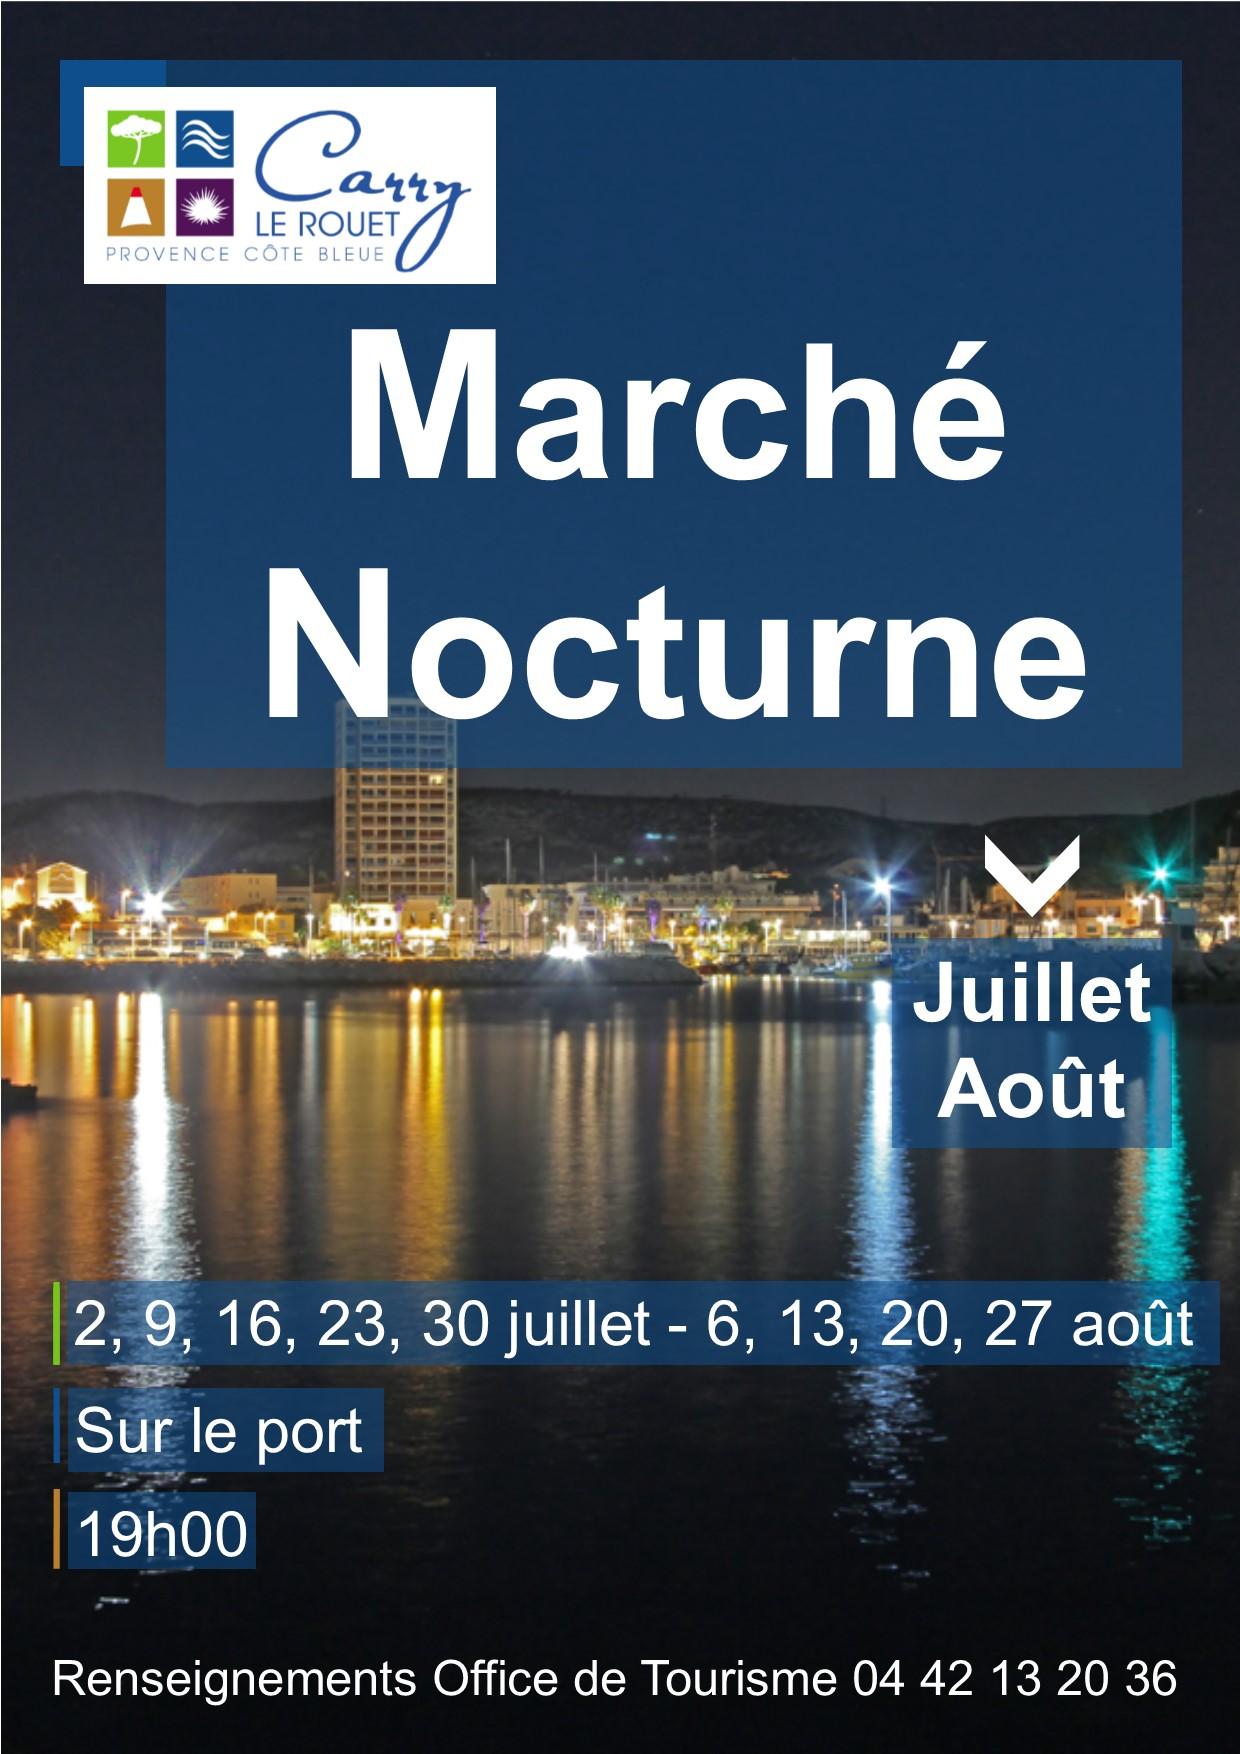 Marché nocturne 2017  Carry le Rouet Bouches du Rhone Foxoo